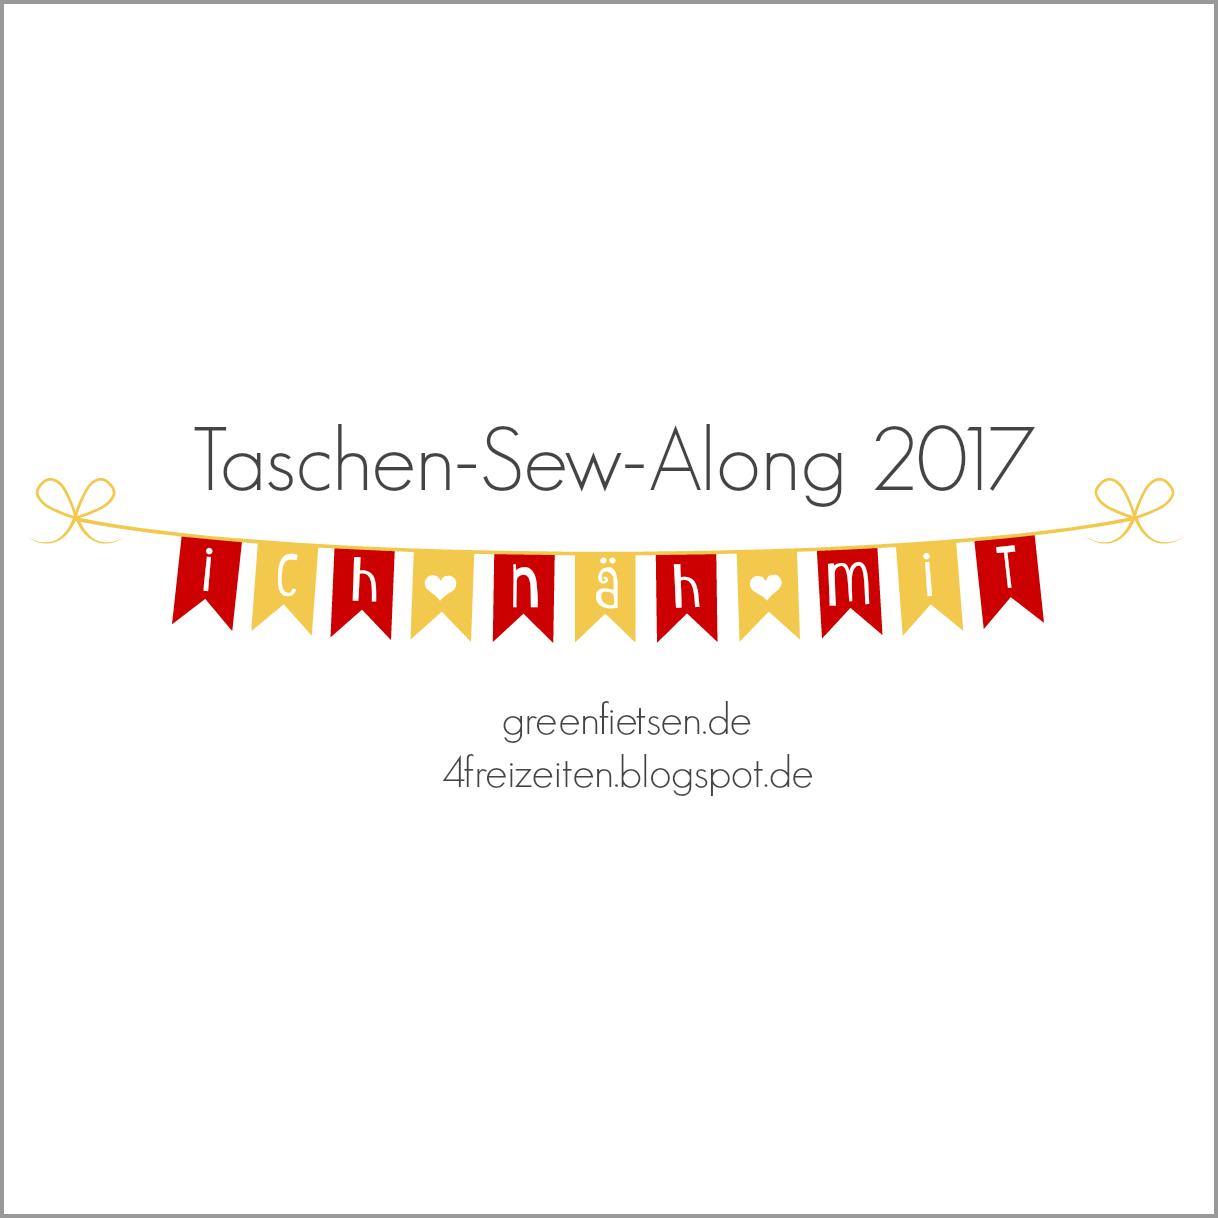 Taschen Sew Along 2017